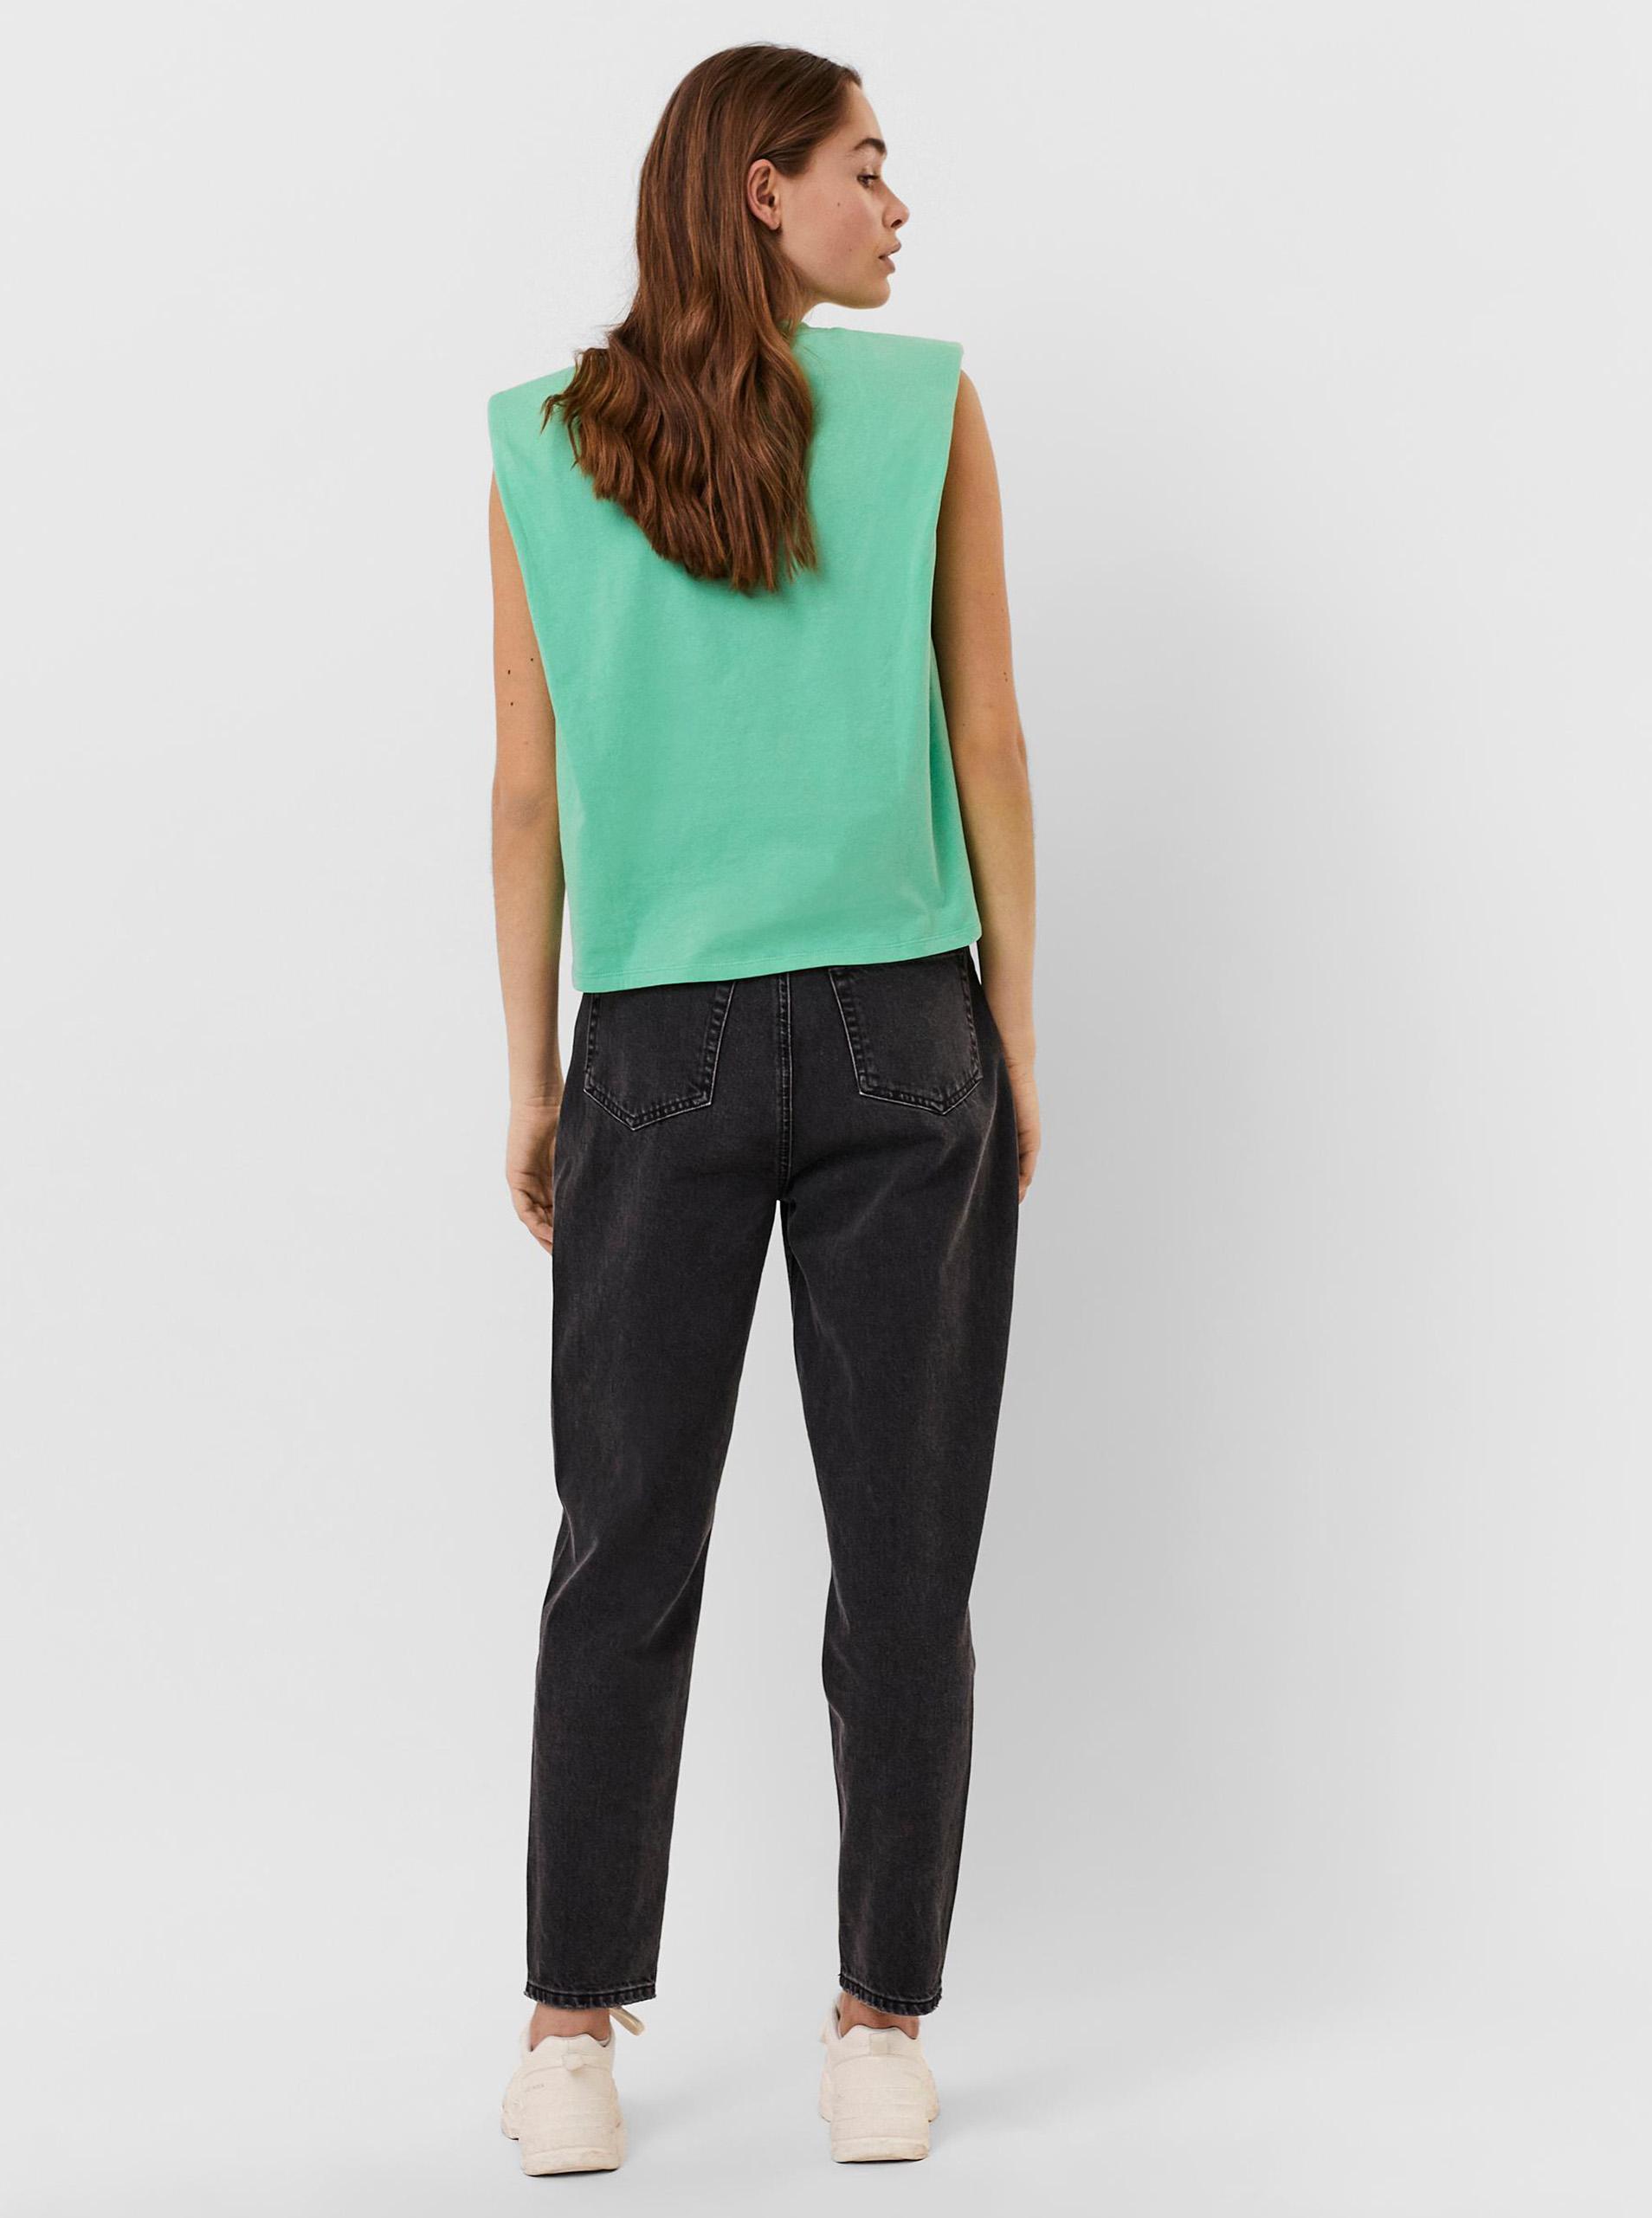 Vero Moda zelené tričko Hollie